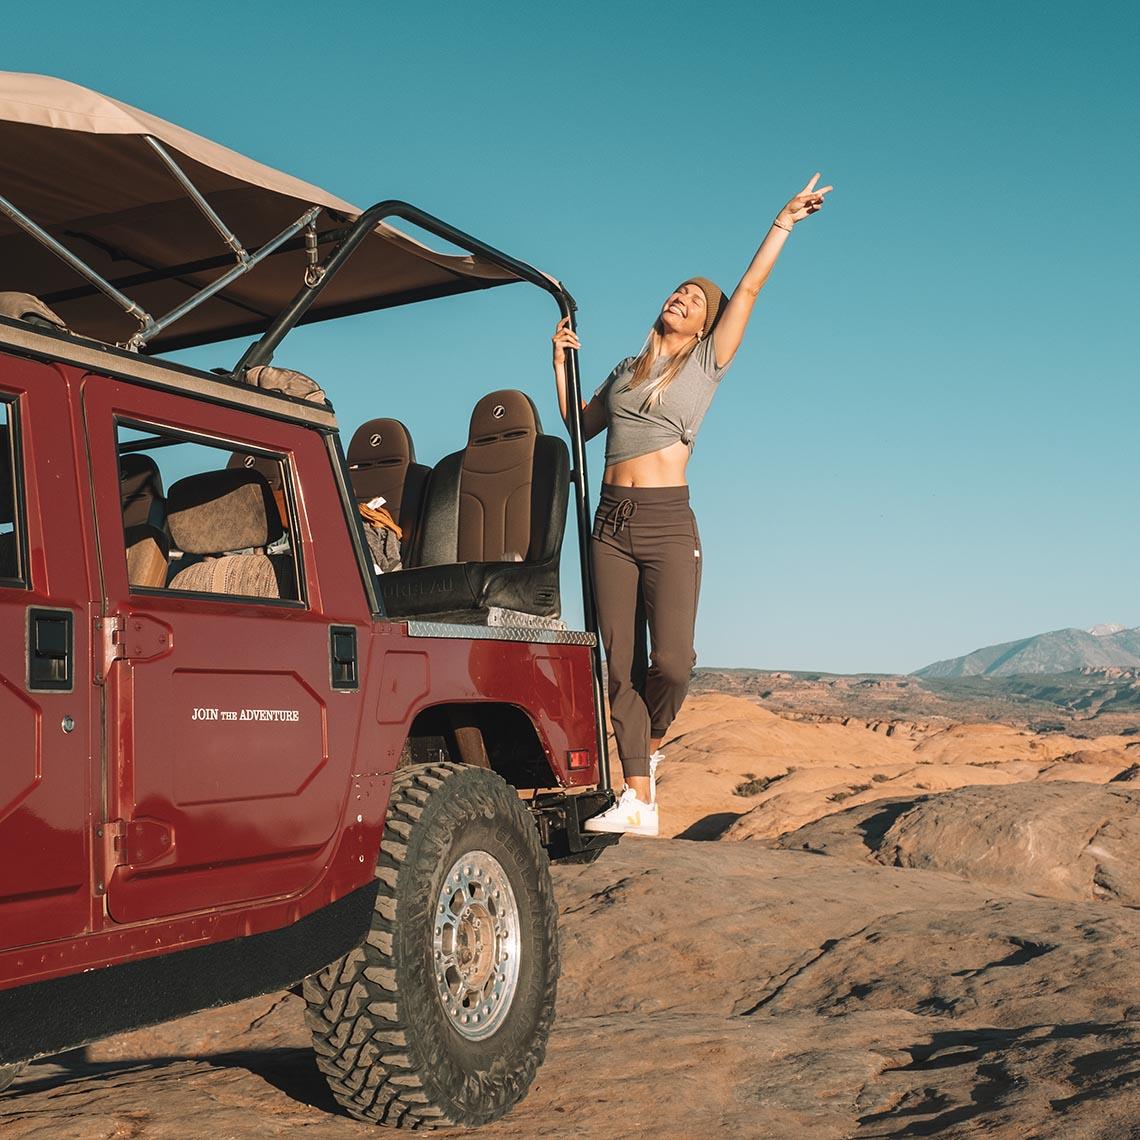 O melhor guia de bem-estar e caminhadas para Moab, Utah • The Blonde Abroad 26